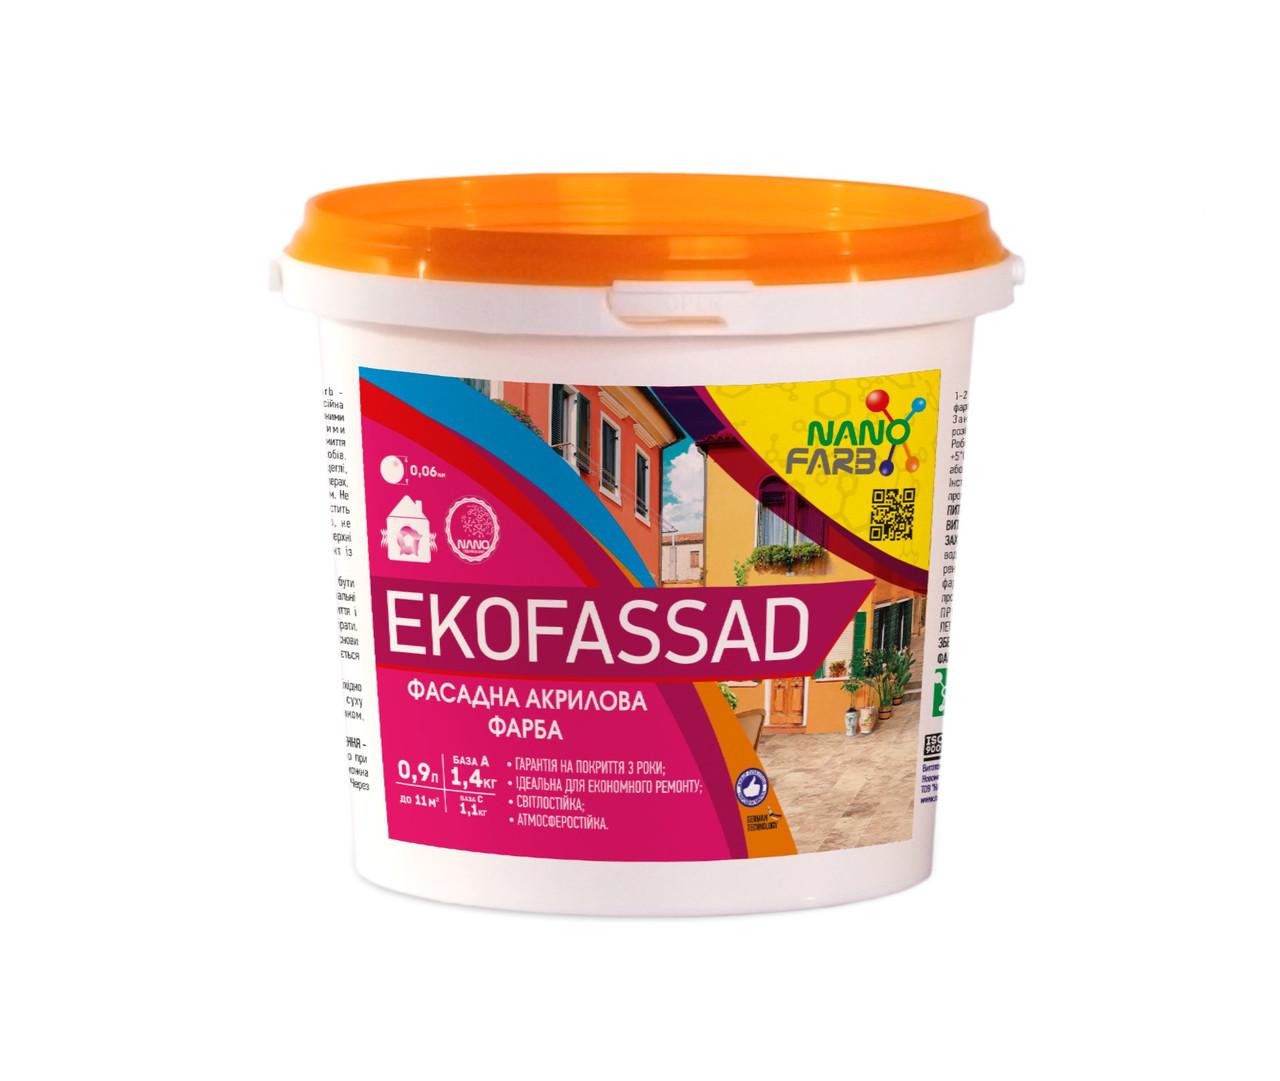 Нанофарб Ekofassad фарба фасадна 7 кг